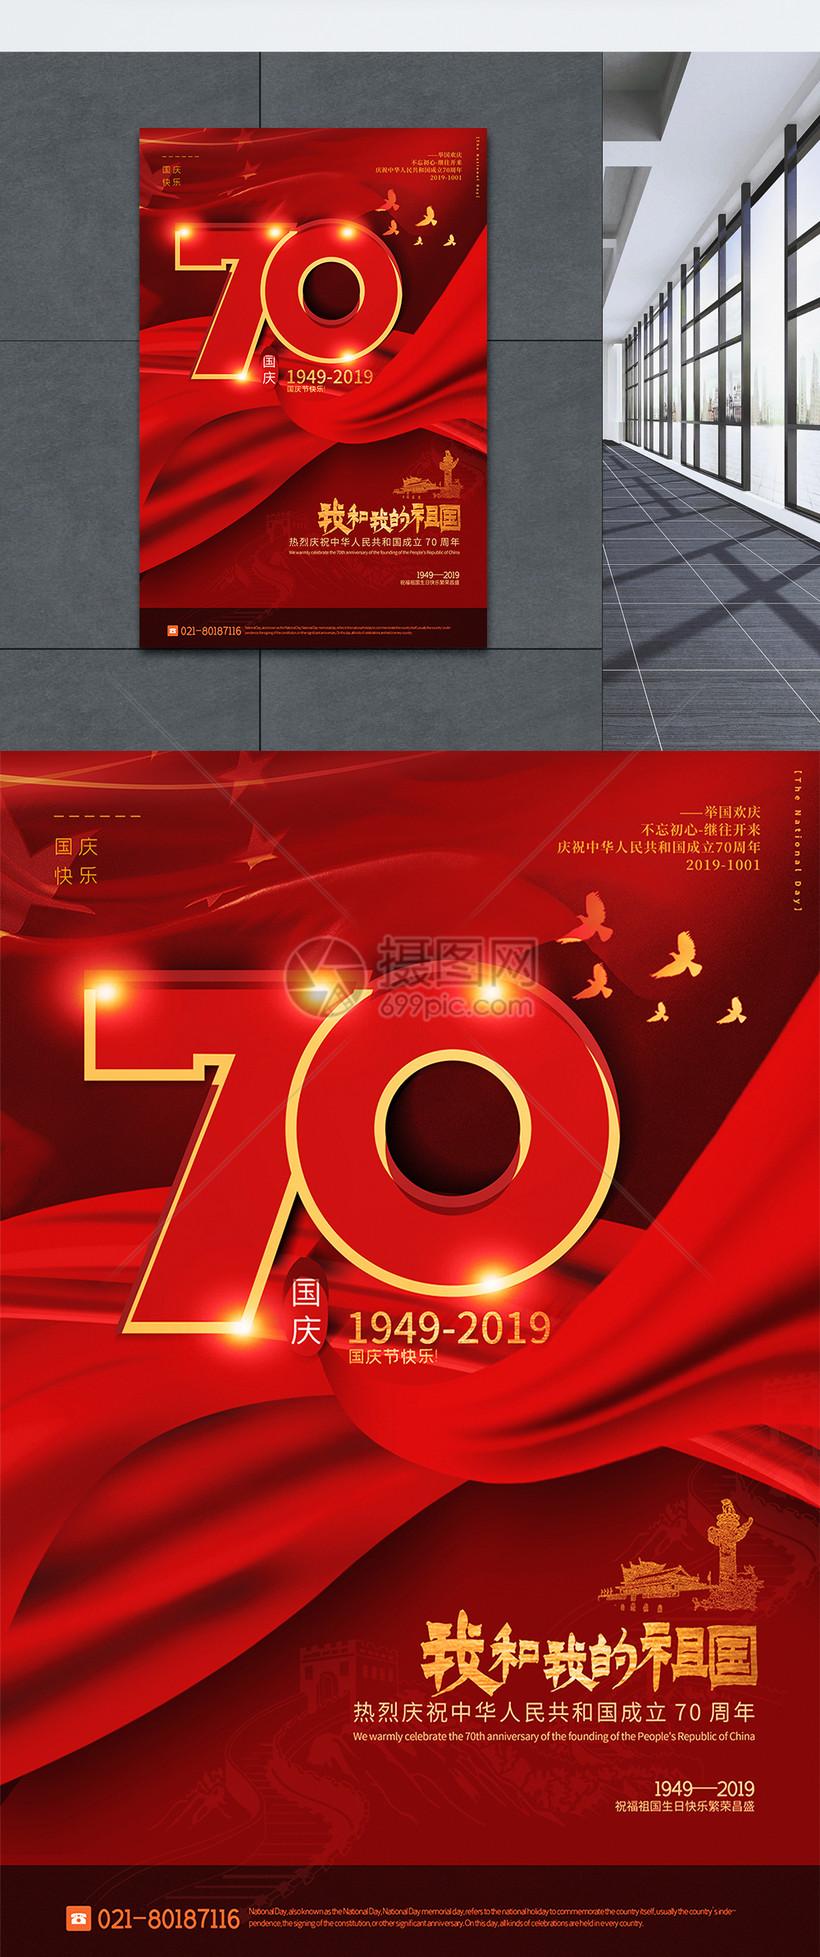 建国 70 周年